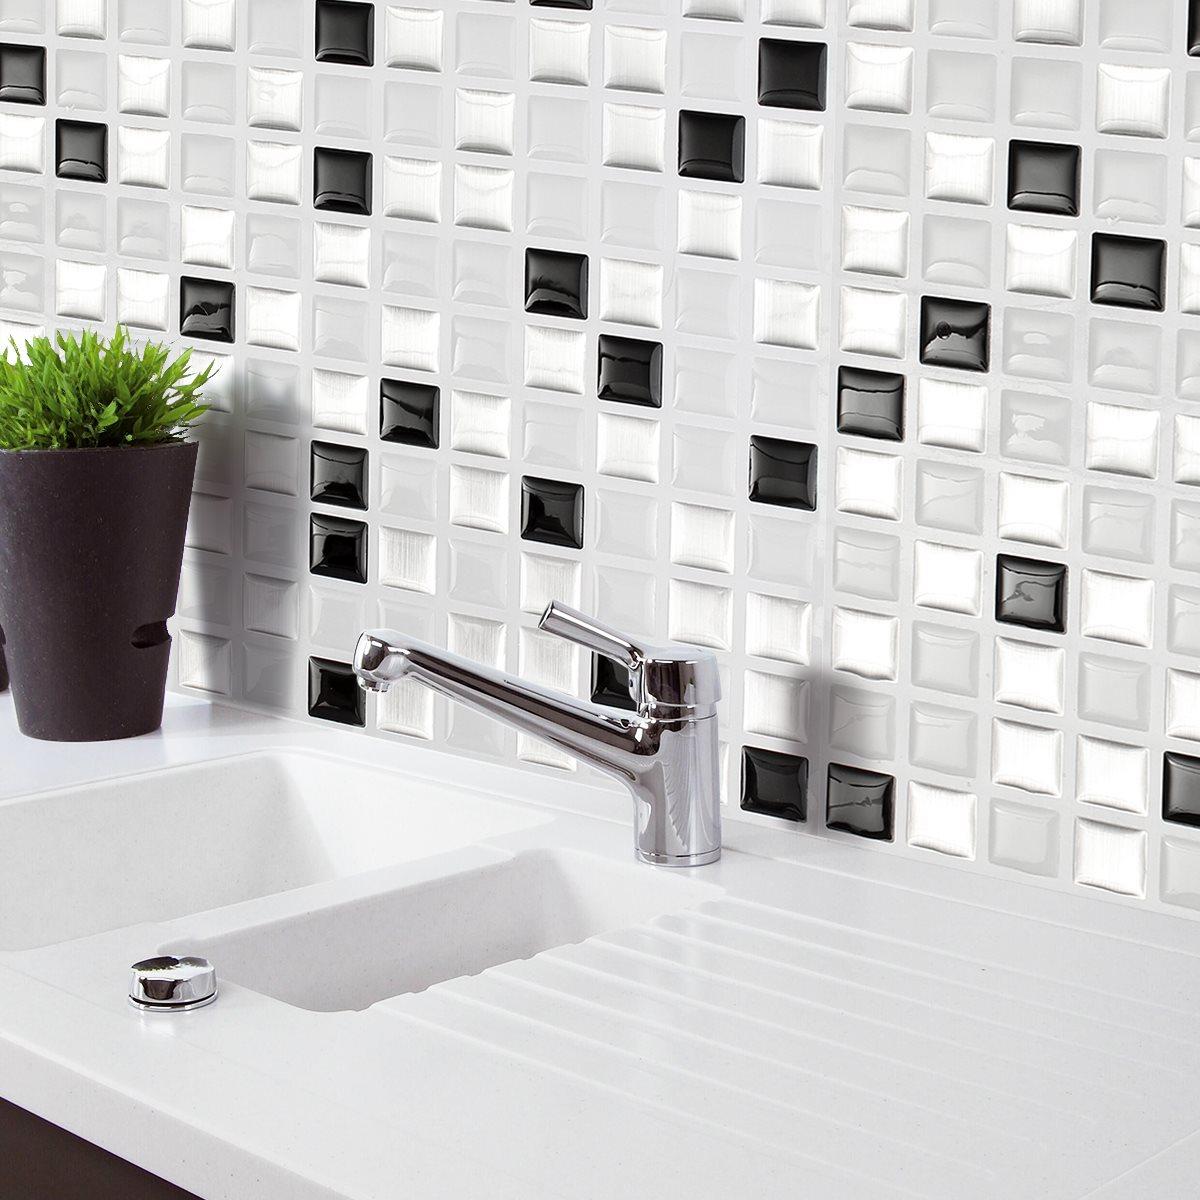 ladrillo mcocina bao decal foil belleza d wallpaper adhesivo de azulejo osaic moderno espejo